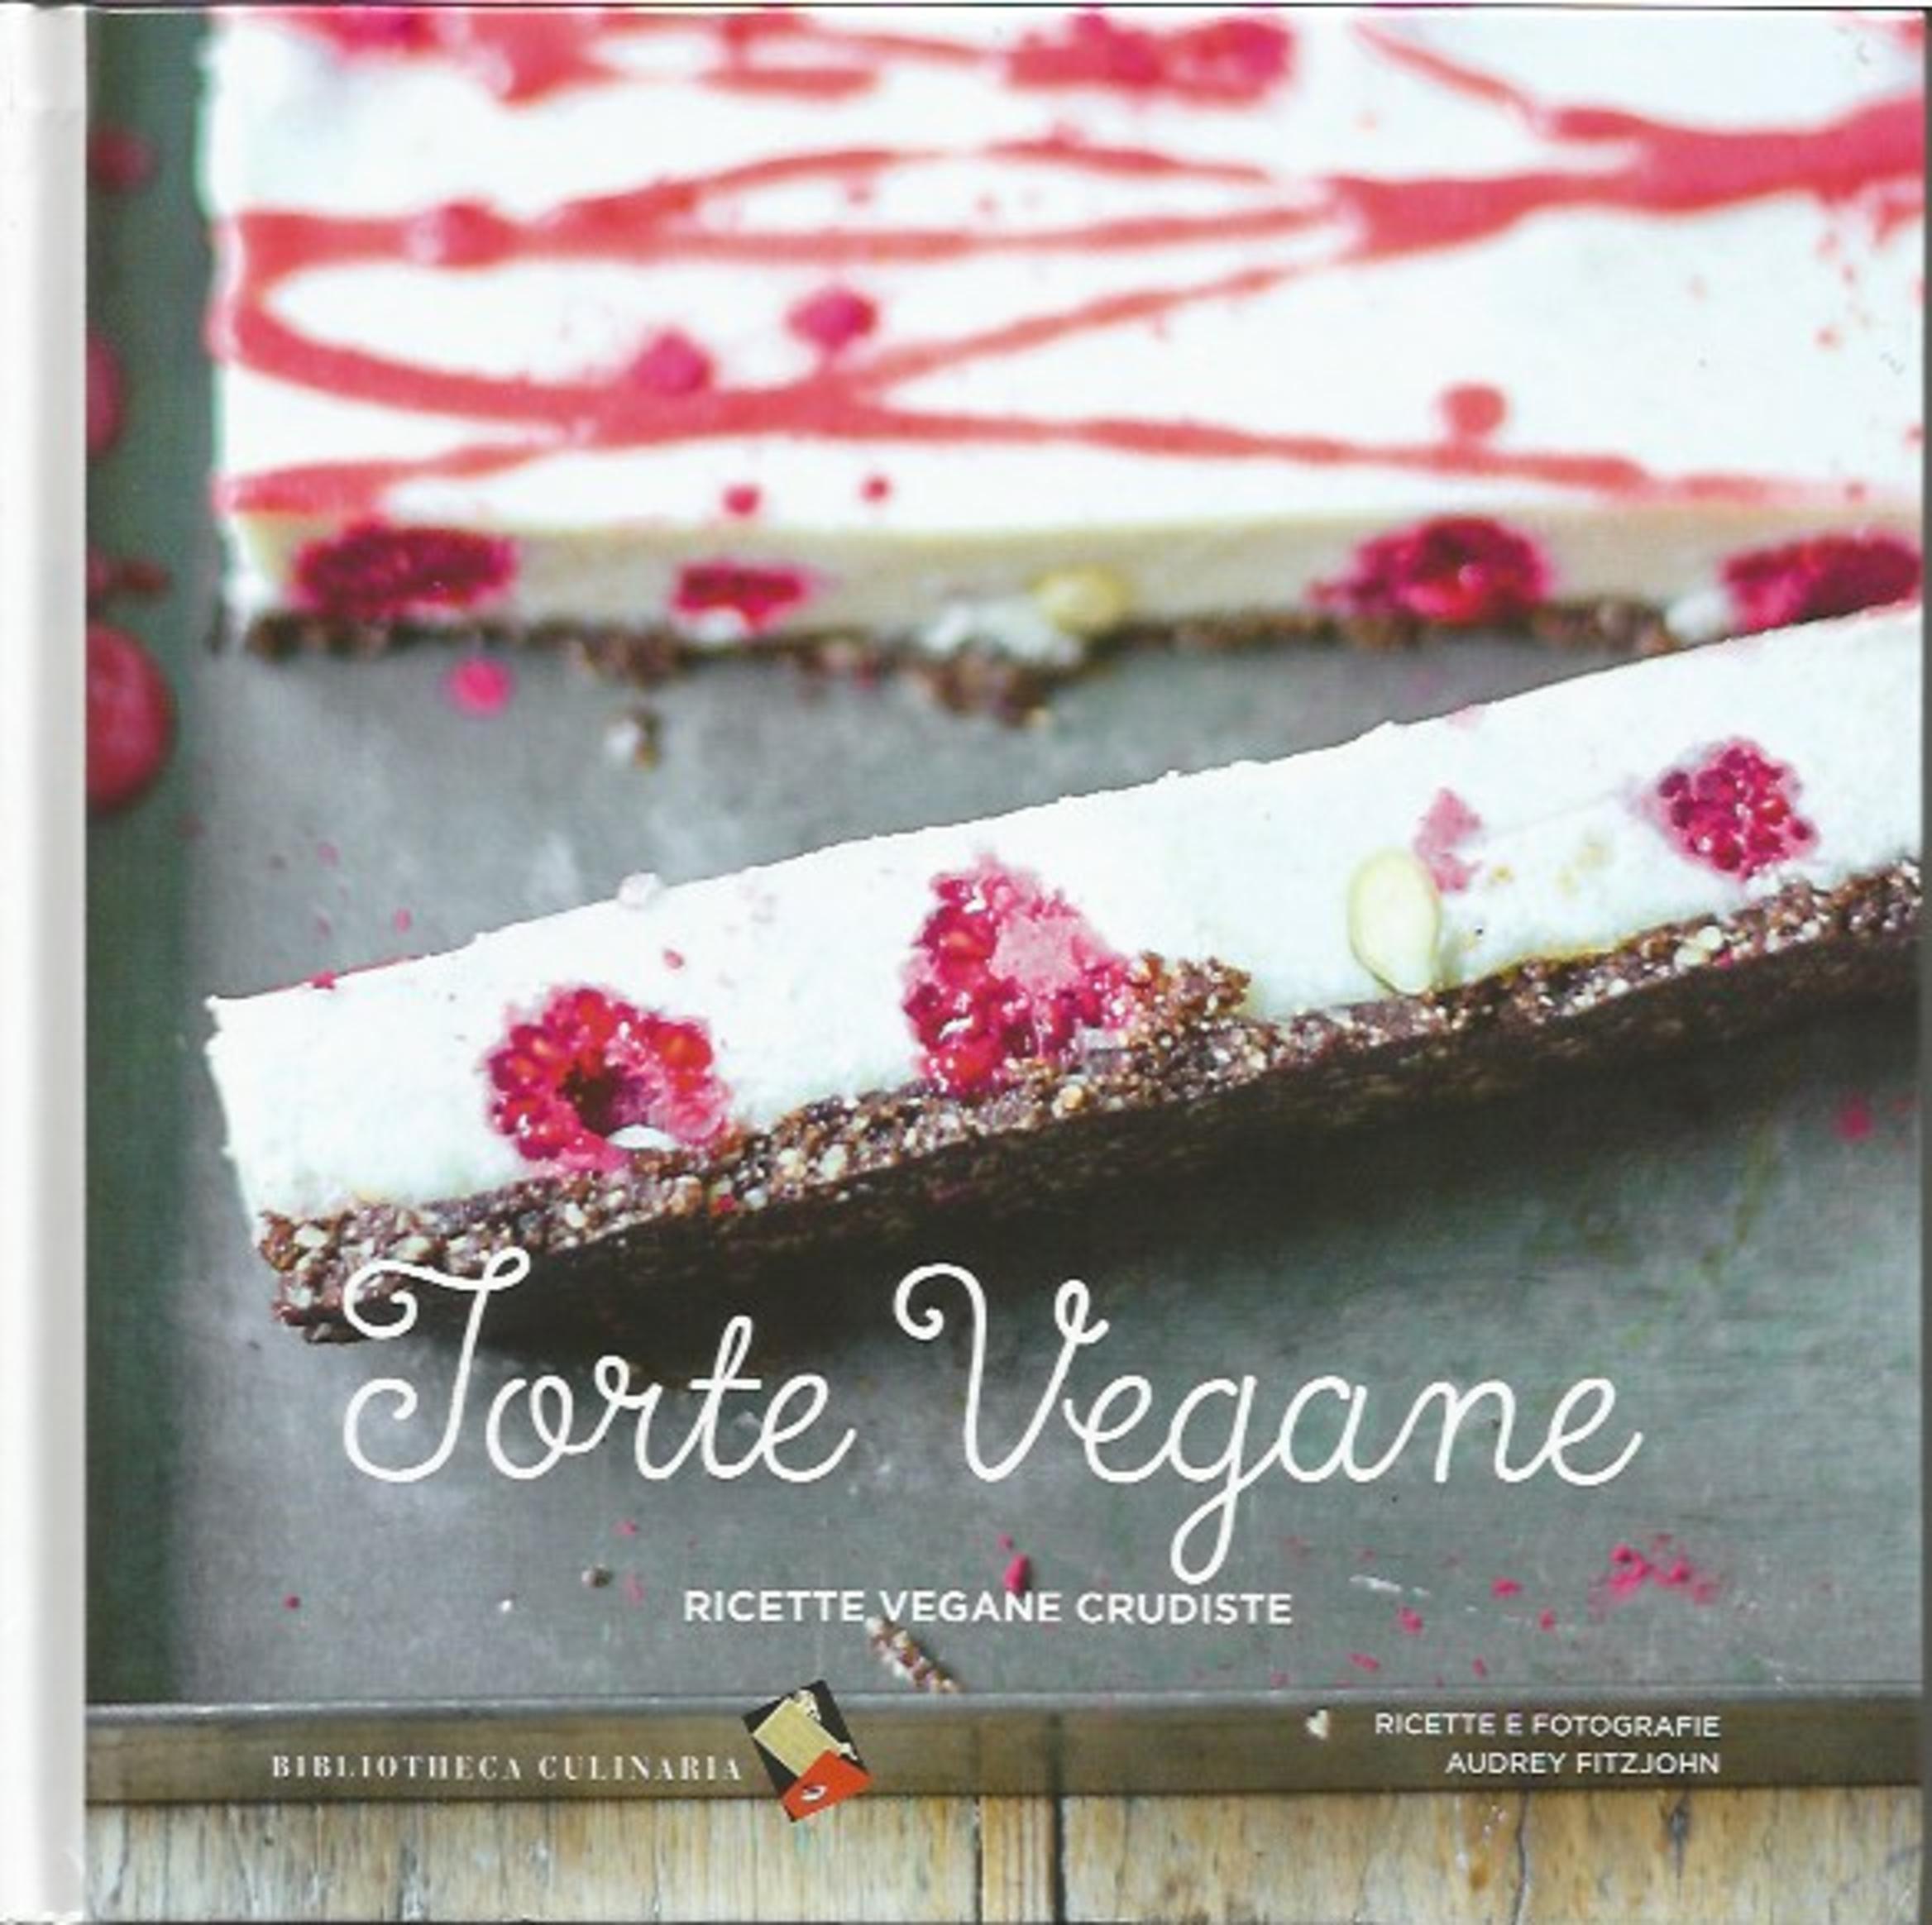 torte Vegane-page-001.jpg